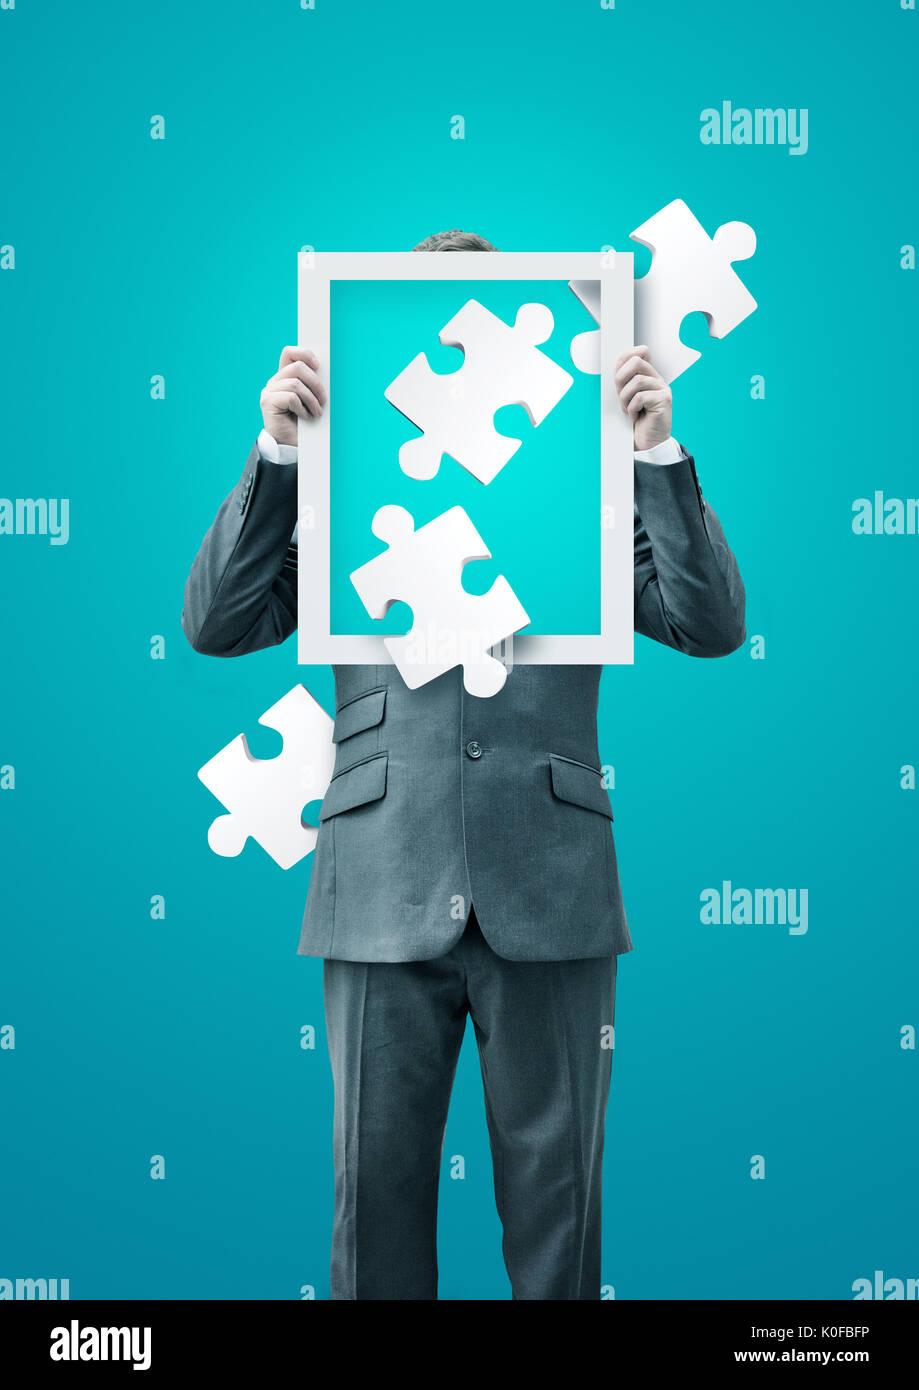 Einen verwirrten Geschäftsmann einen Rahmen mit Puzzleteile, Geschäftskonzept. Stockbild